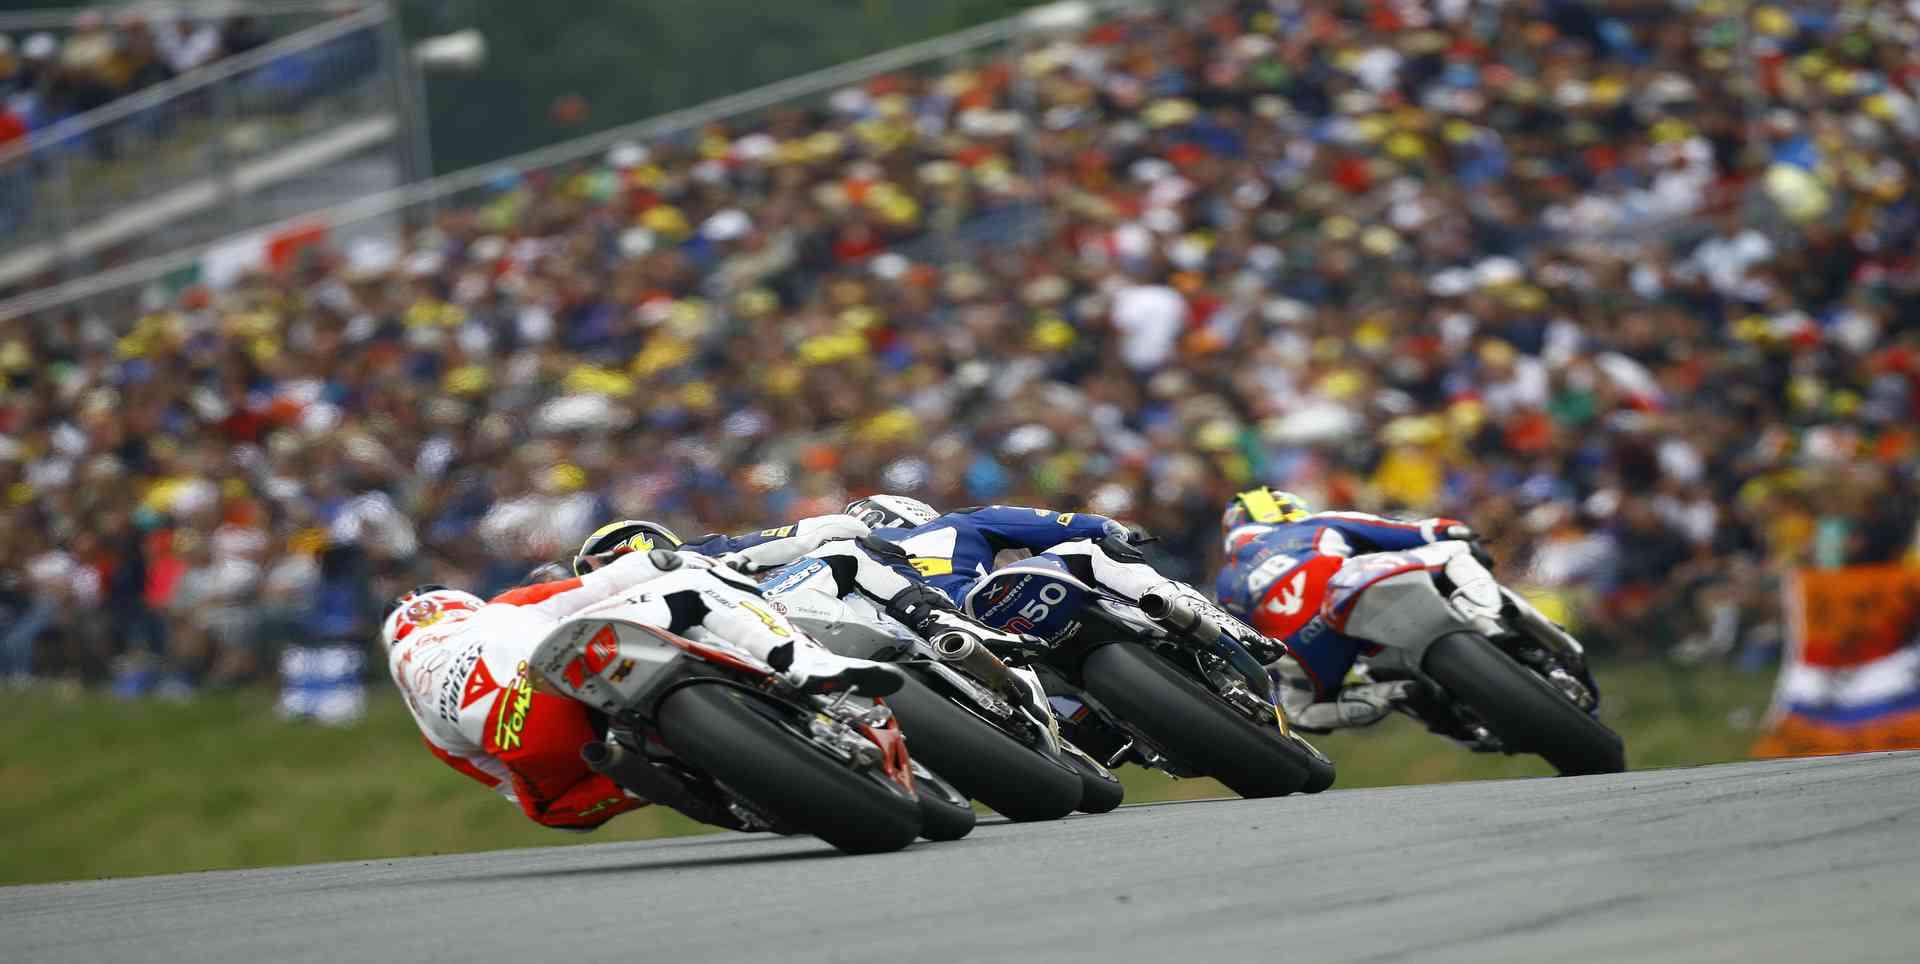 live-pirelli-spanish-round-superbike-hd